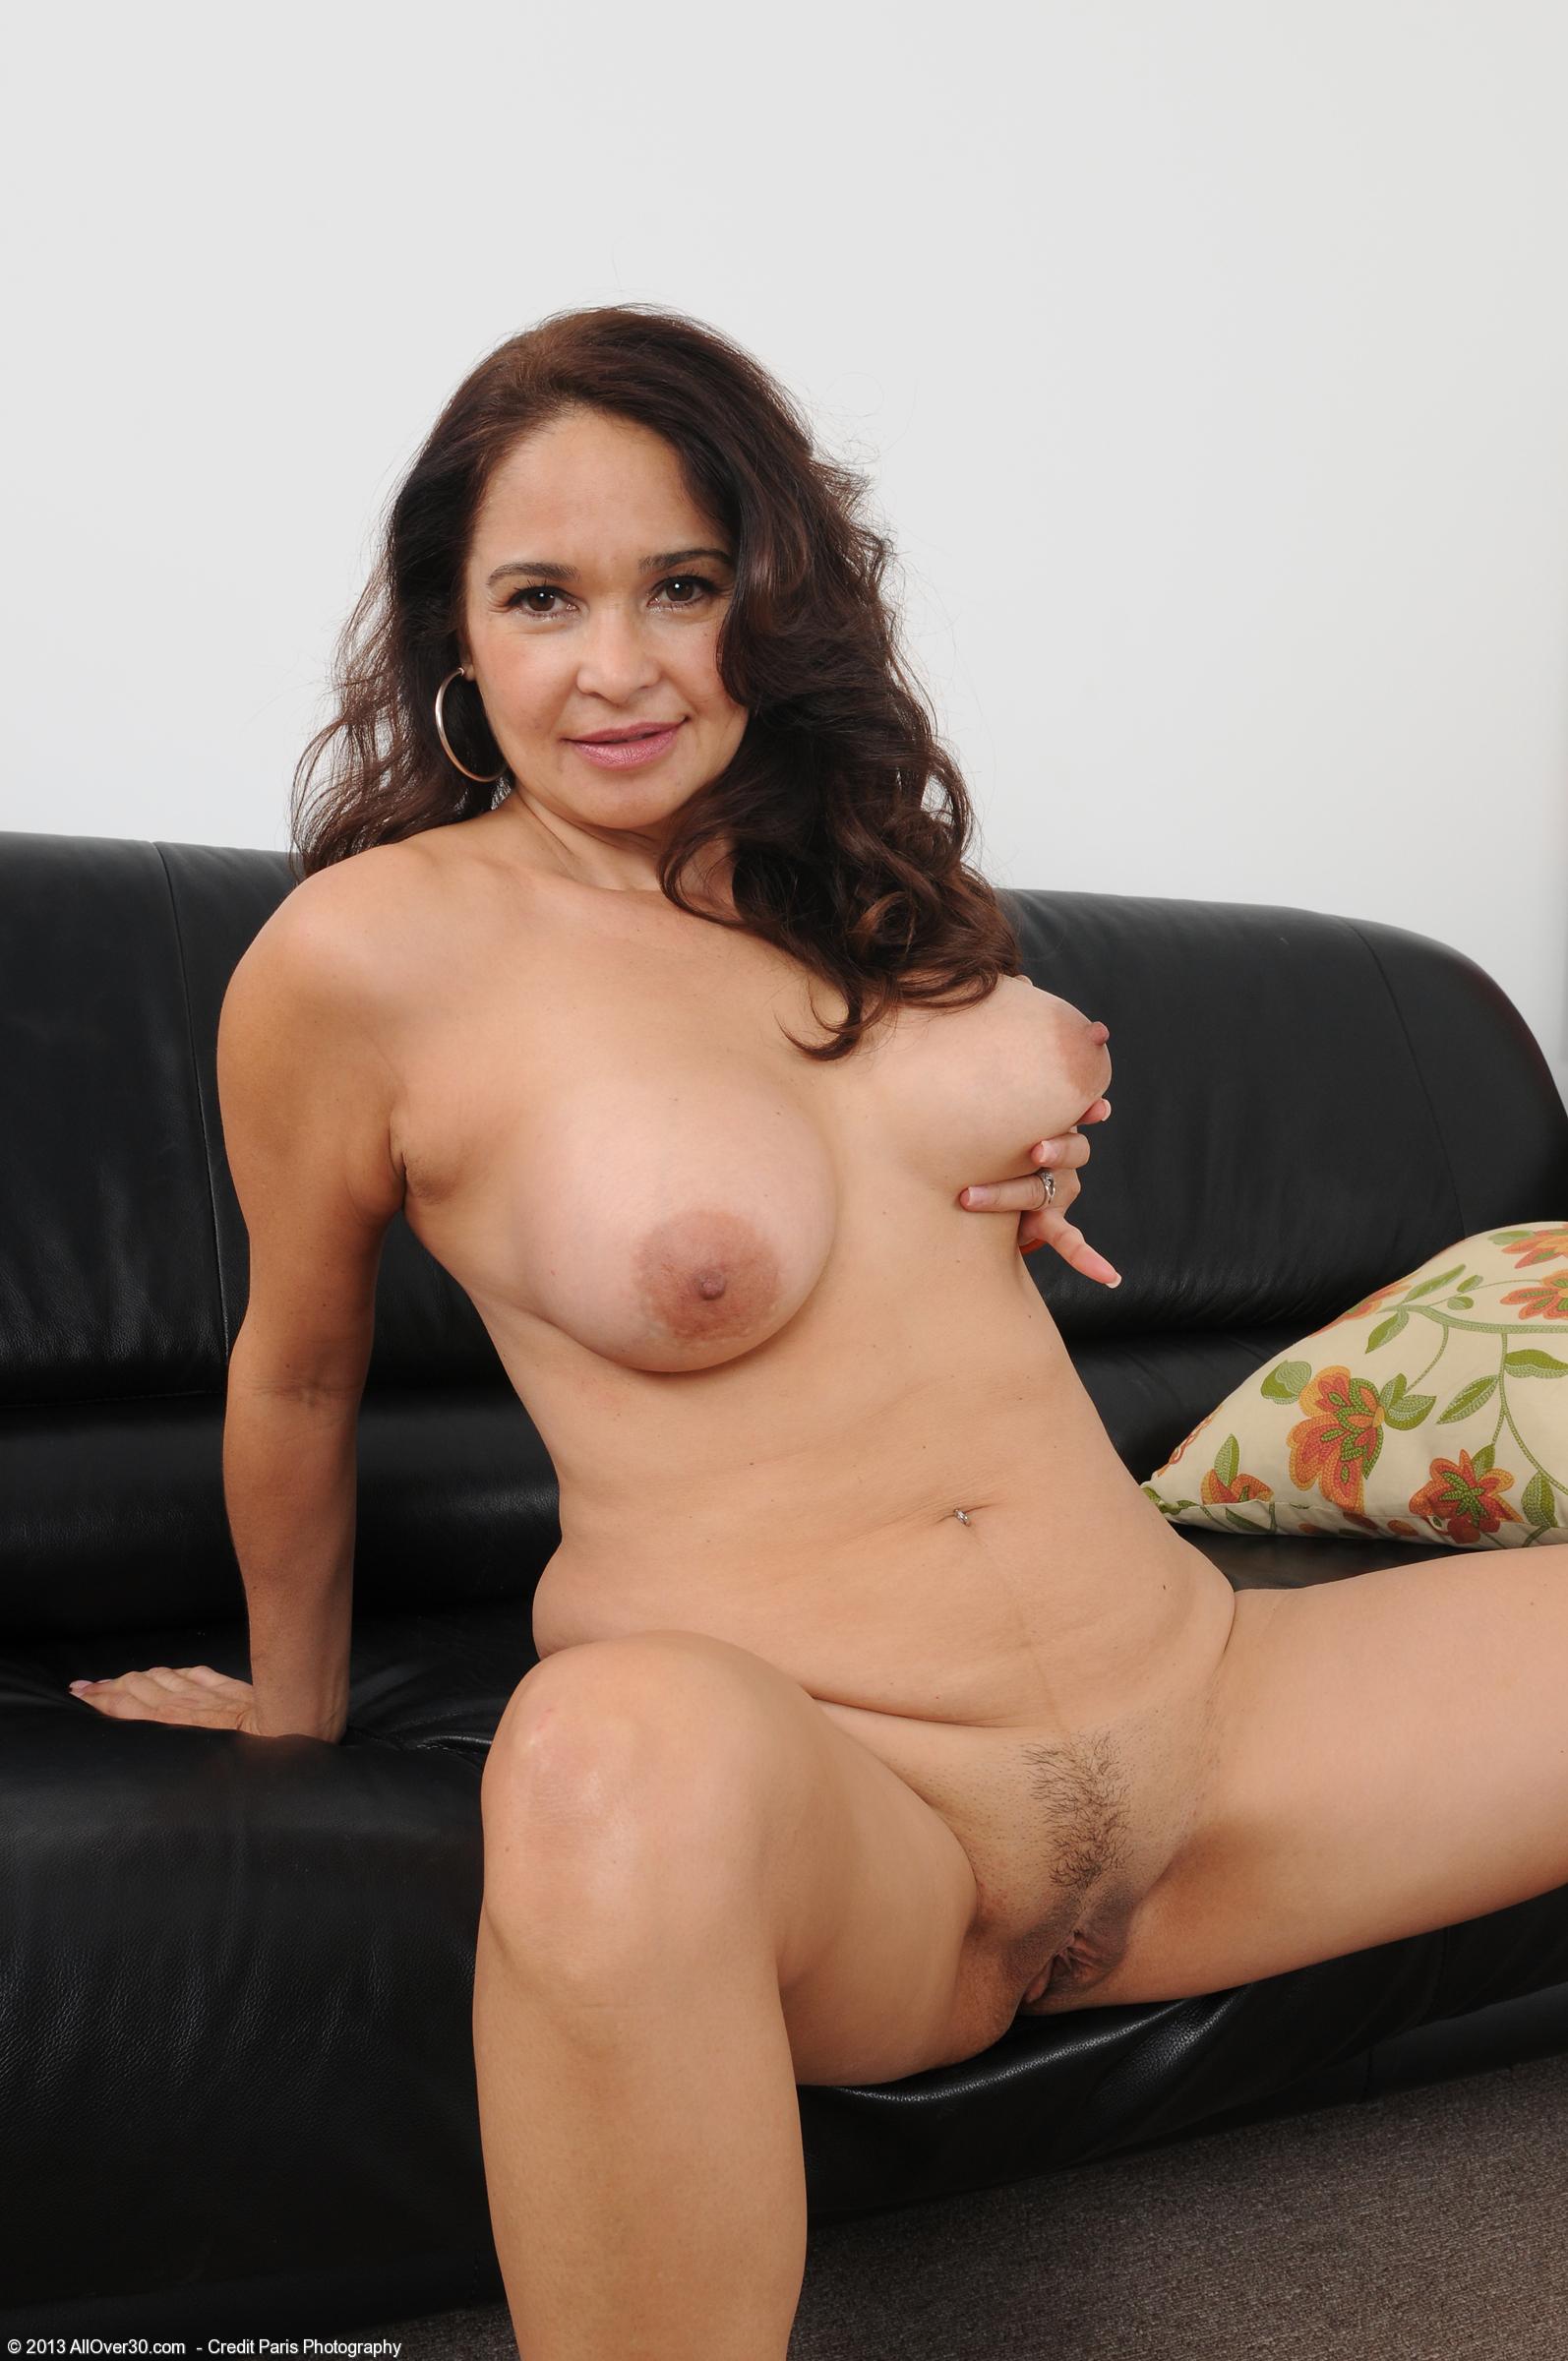 Тиа лауна порно актриса 17 фотография